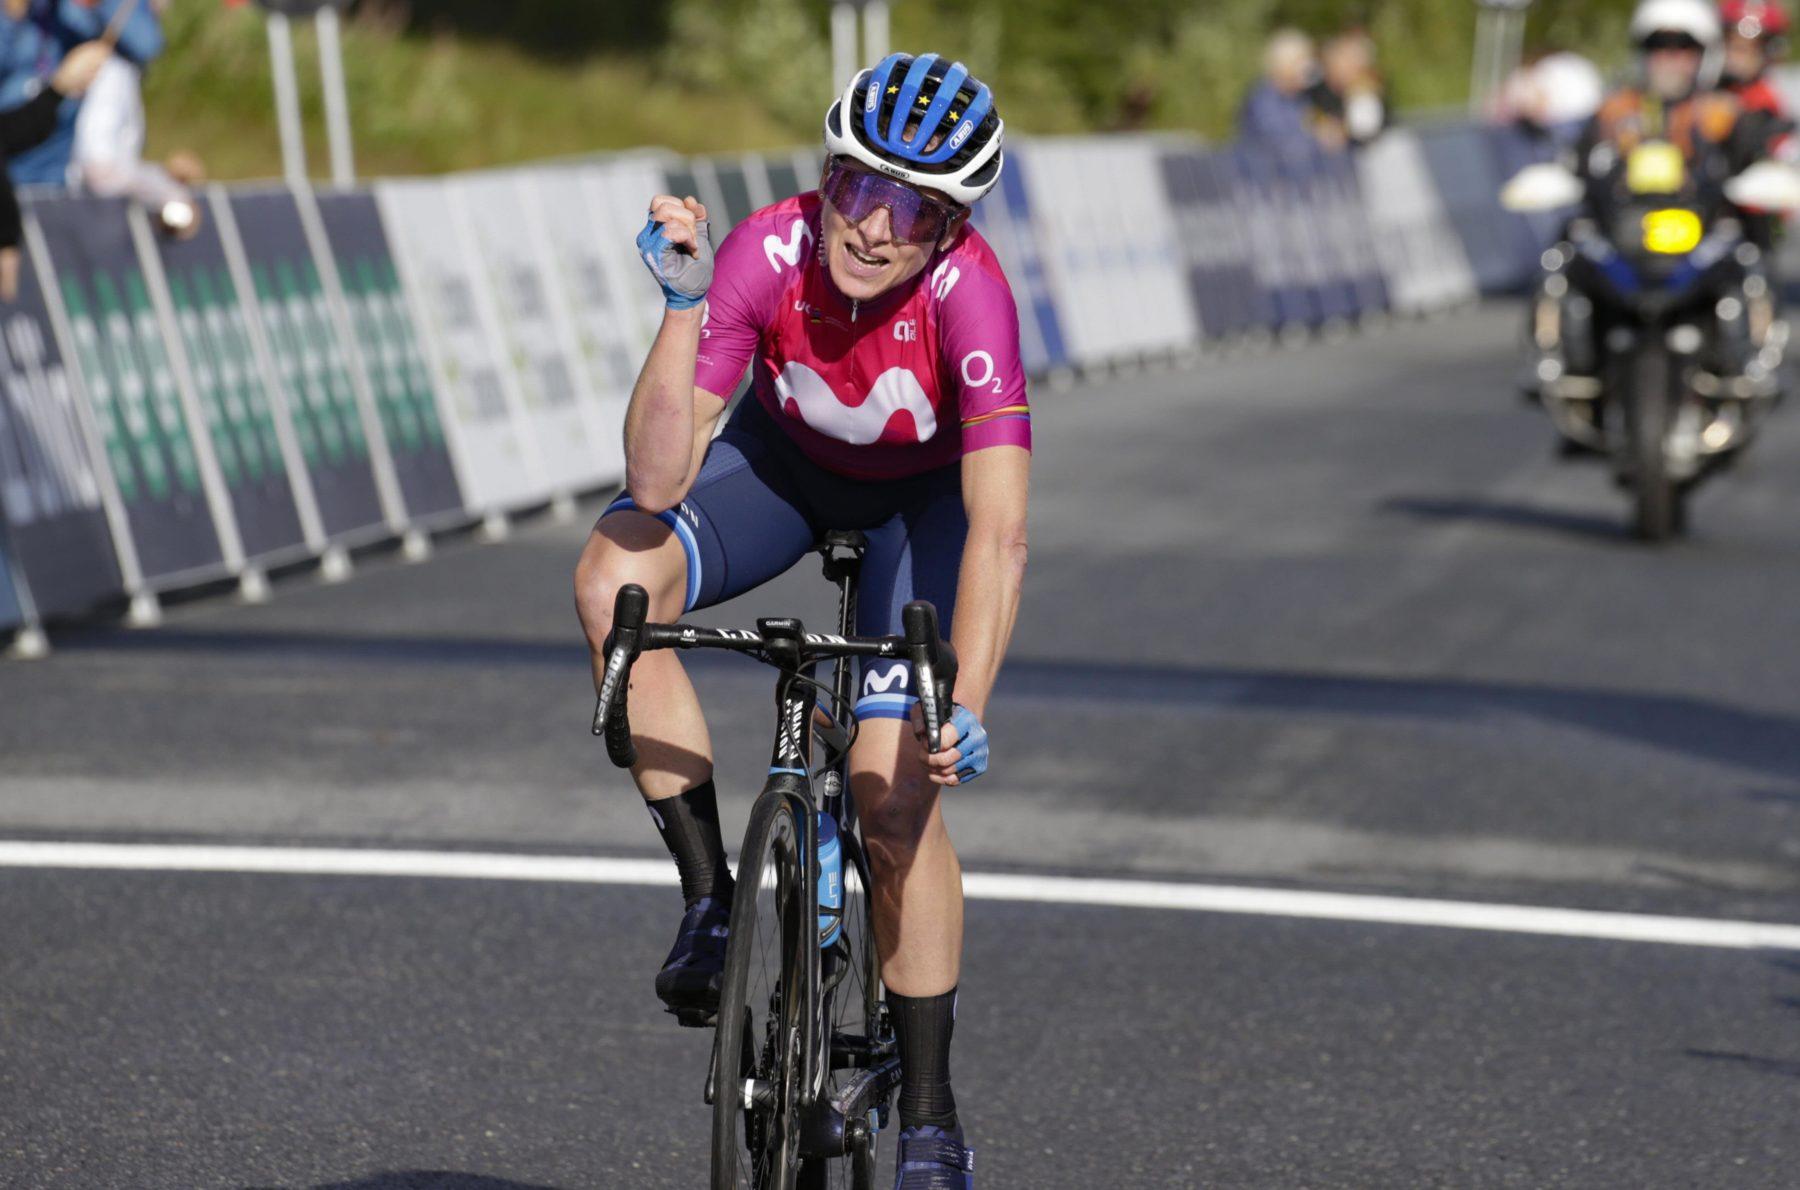 Imagen de la noticia 'Van Vleuten unstoppable in Norefjell, leads Tour of Norway'